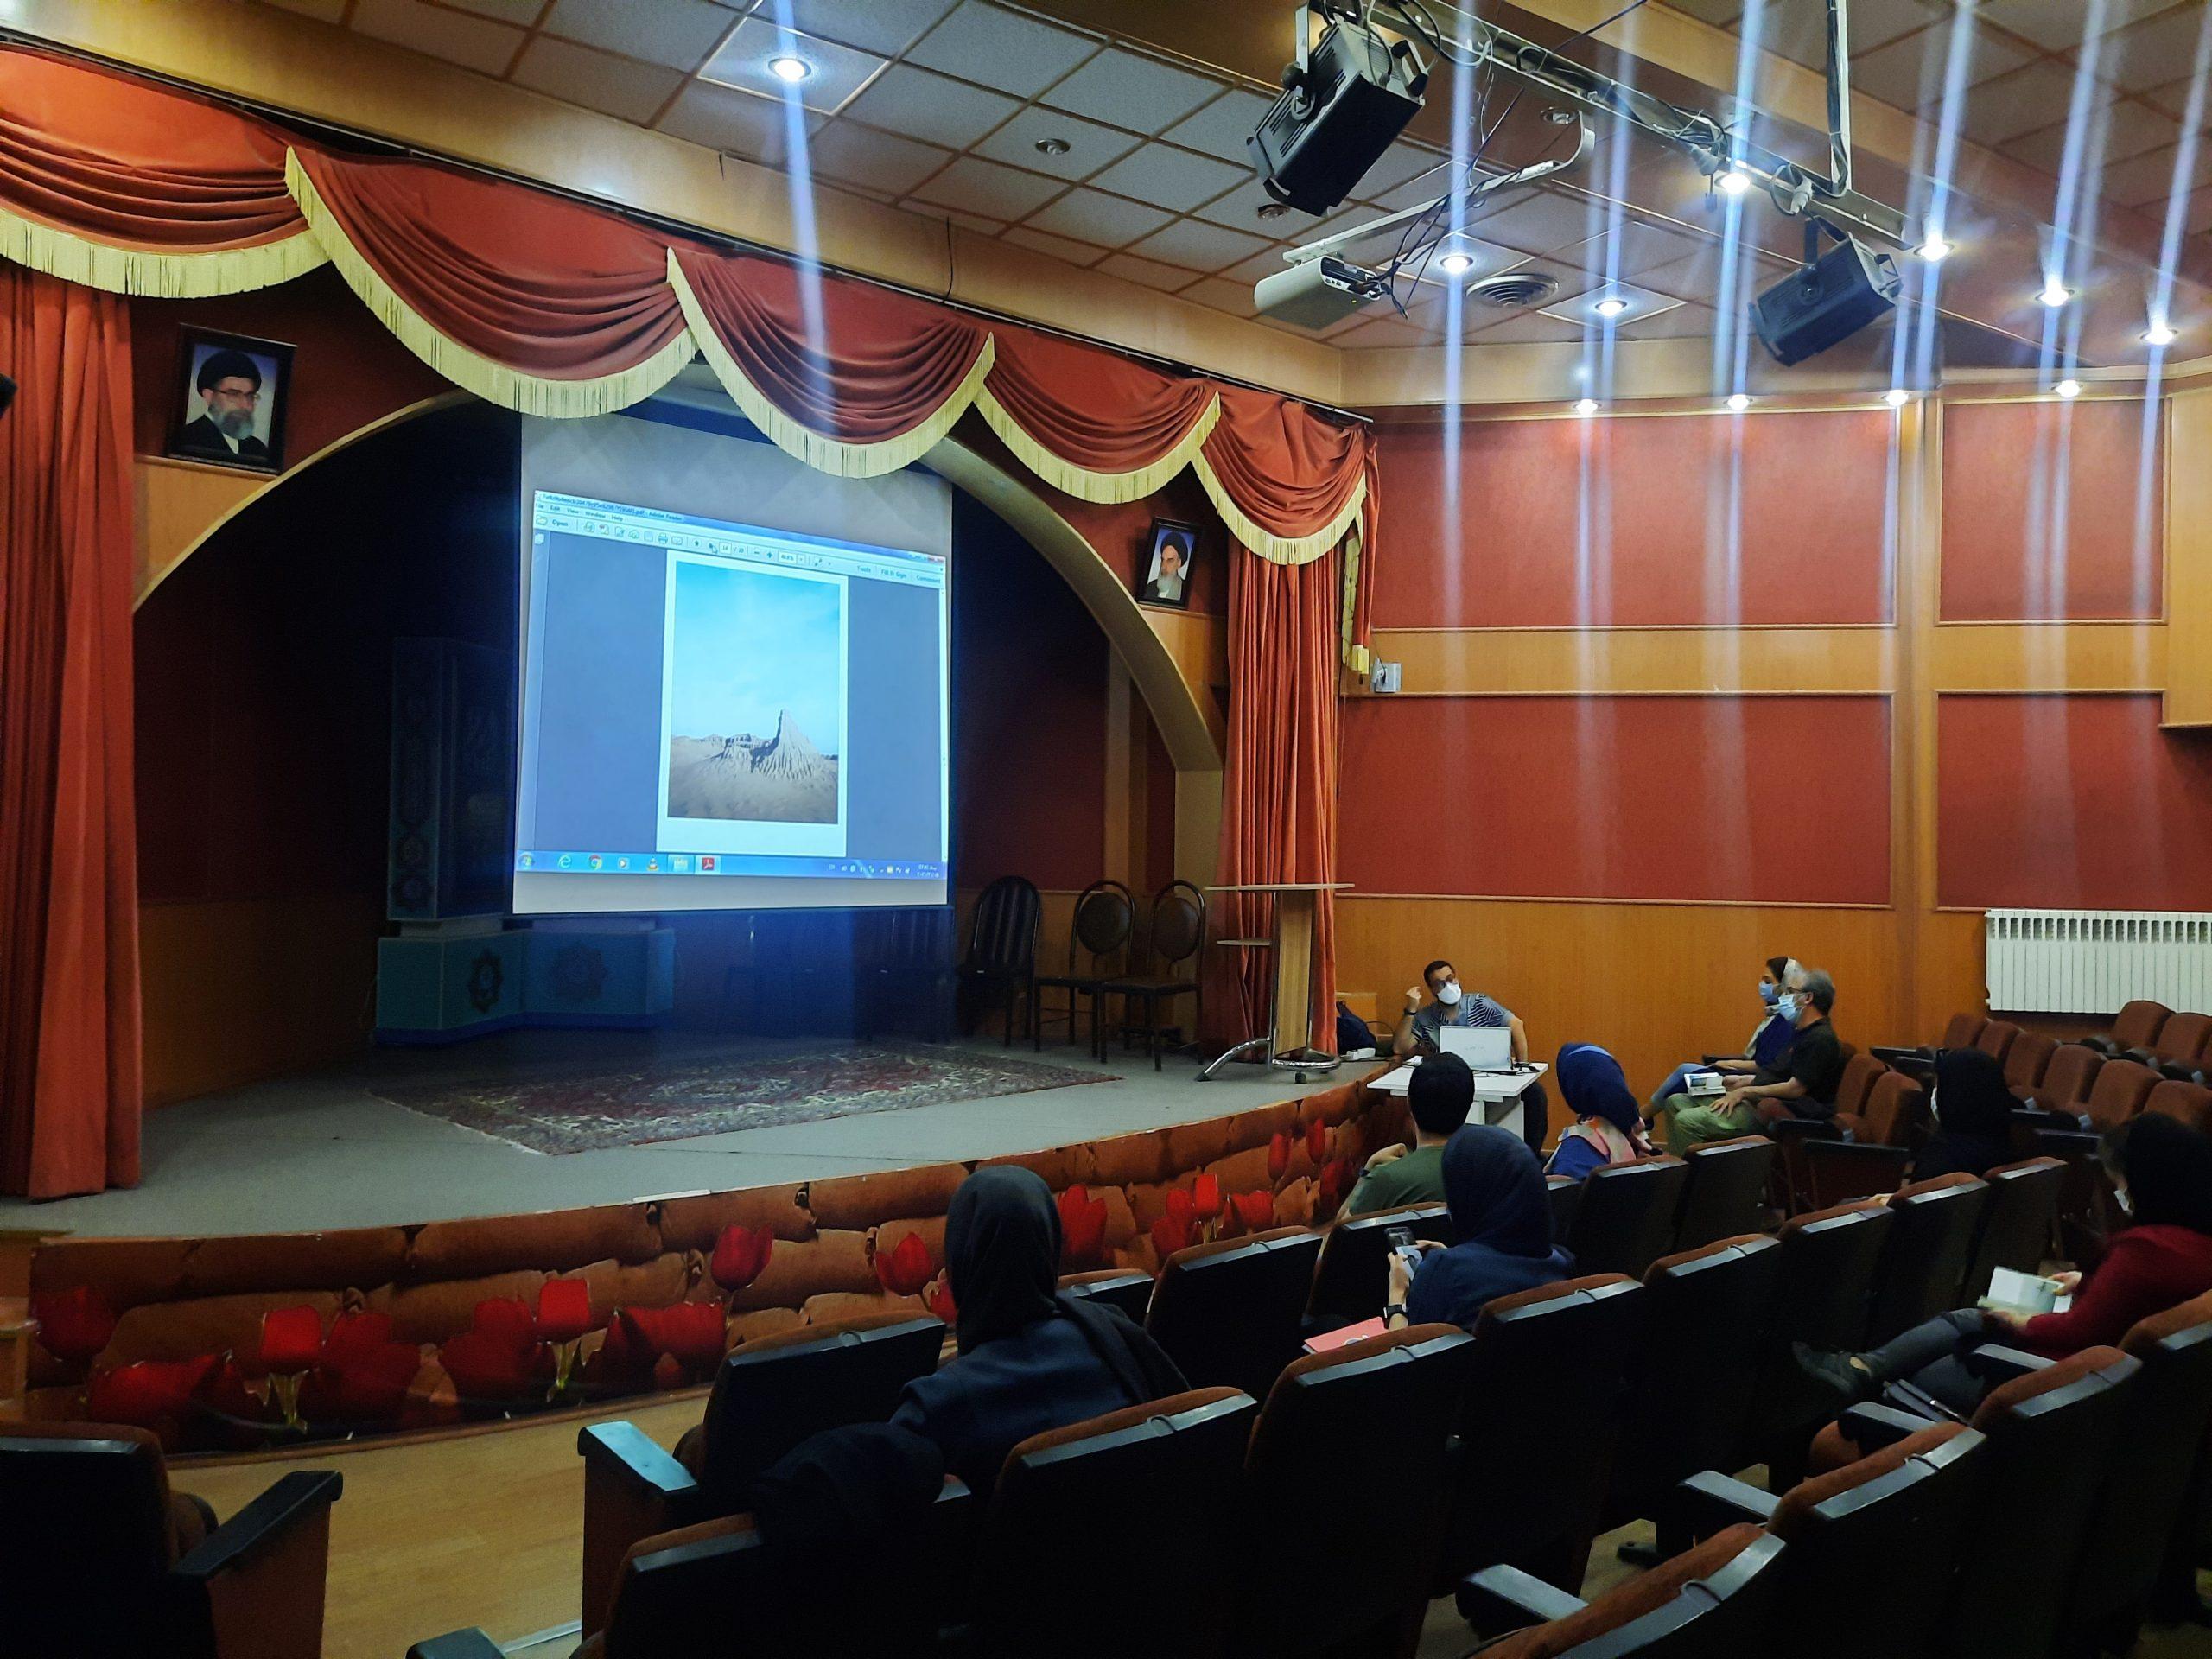 برگزاری کلاسهای آموزشی در انجمن سینمای جوانان استان قزوین